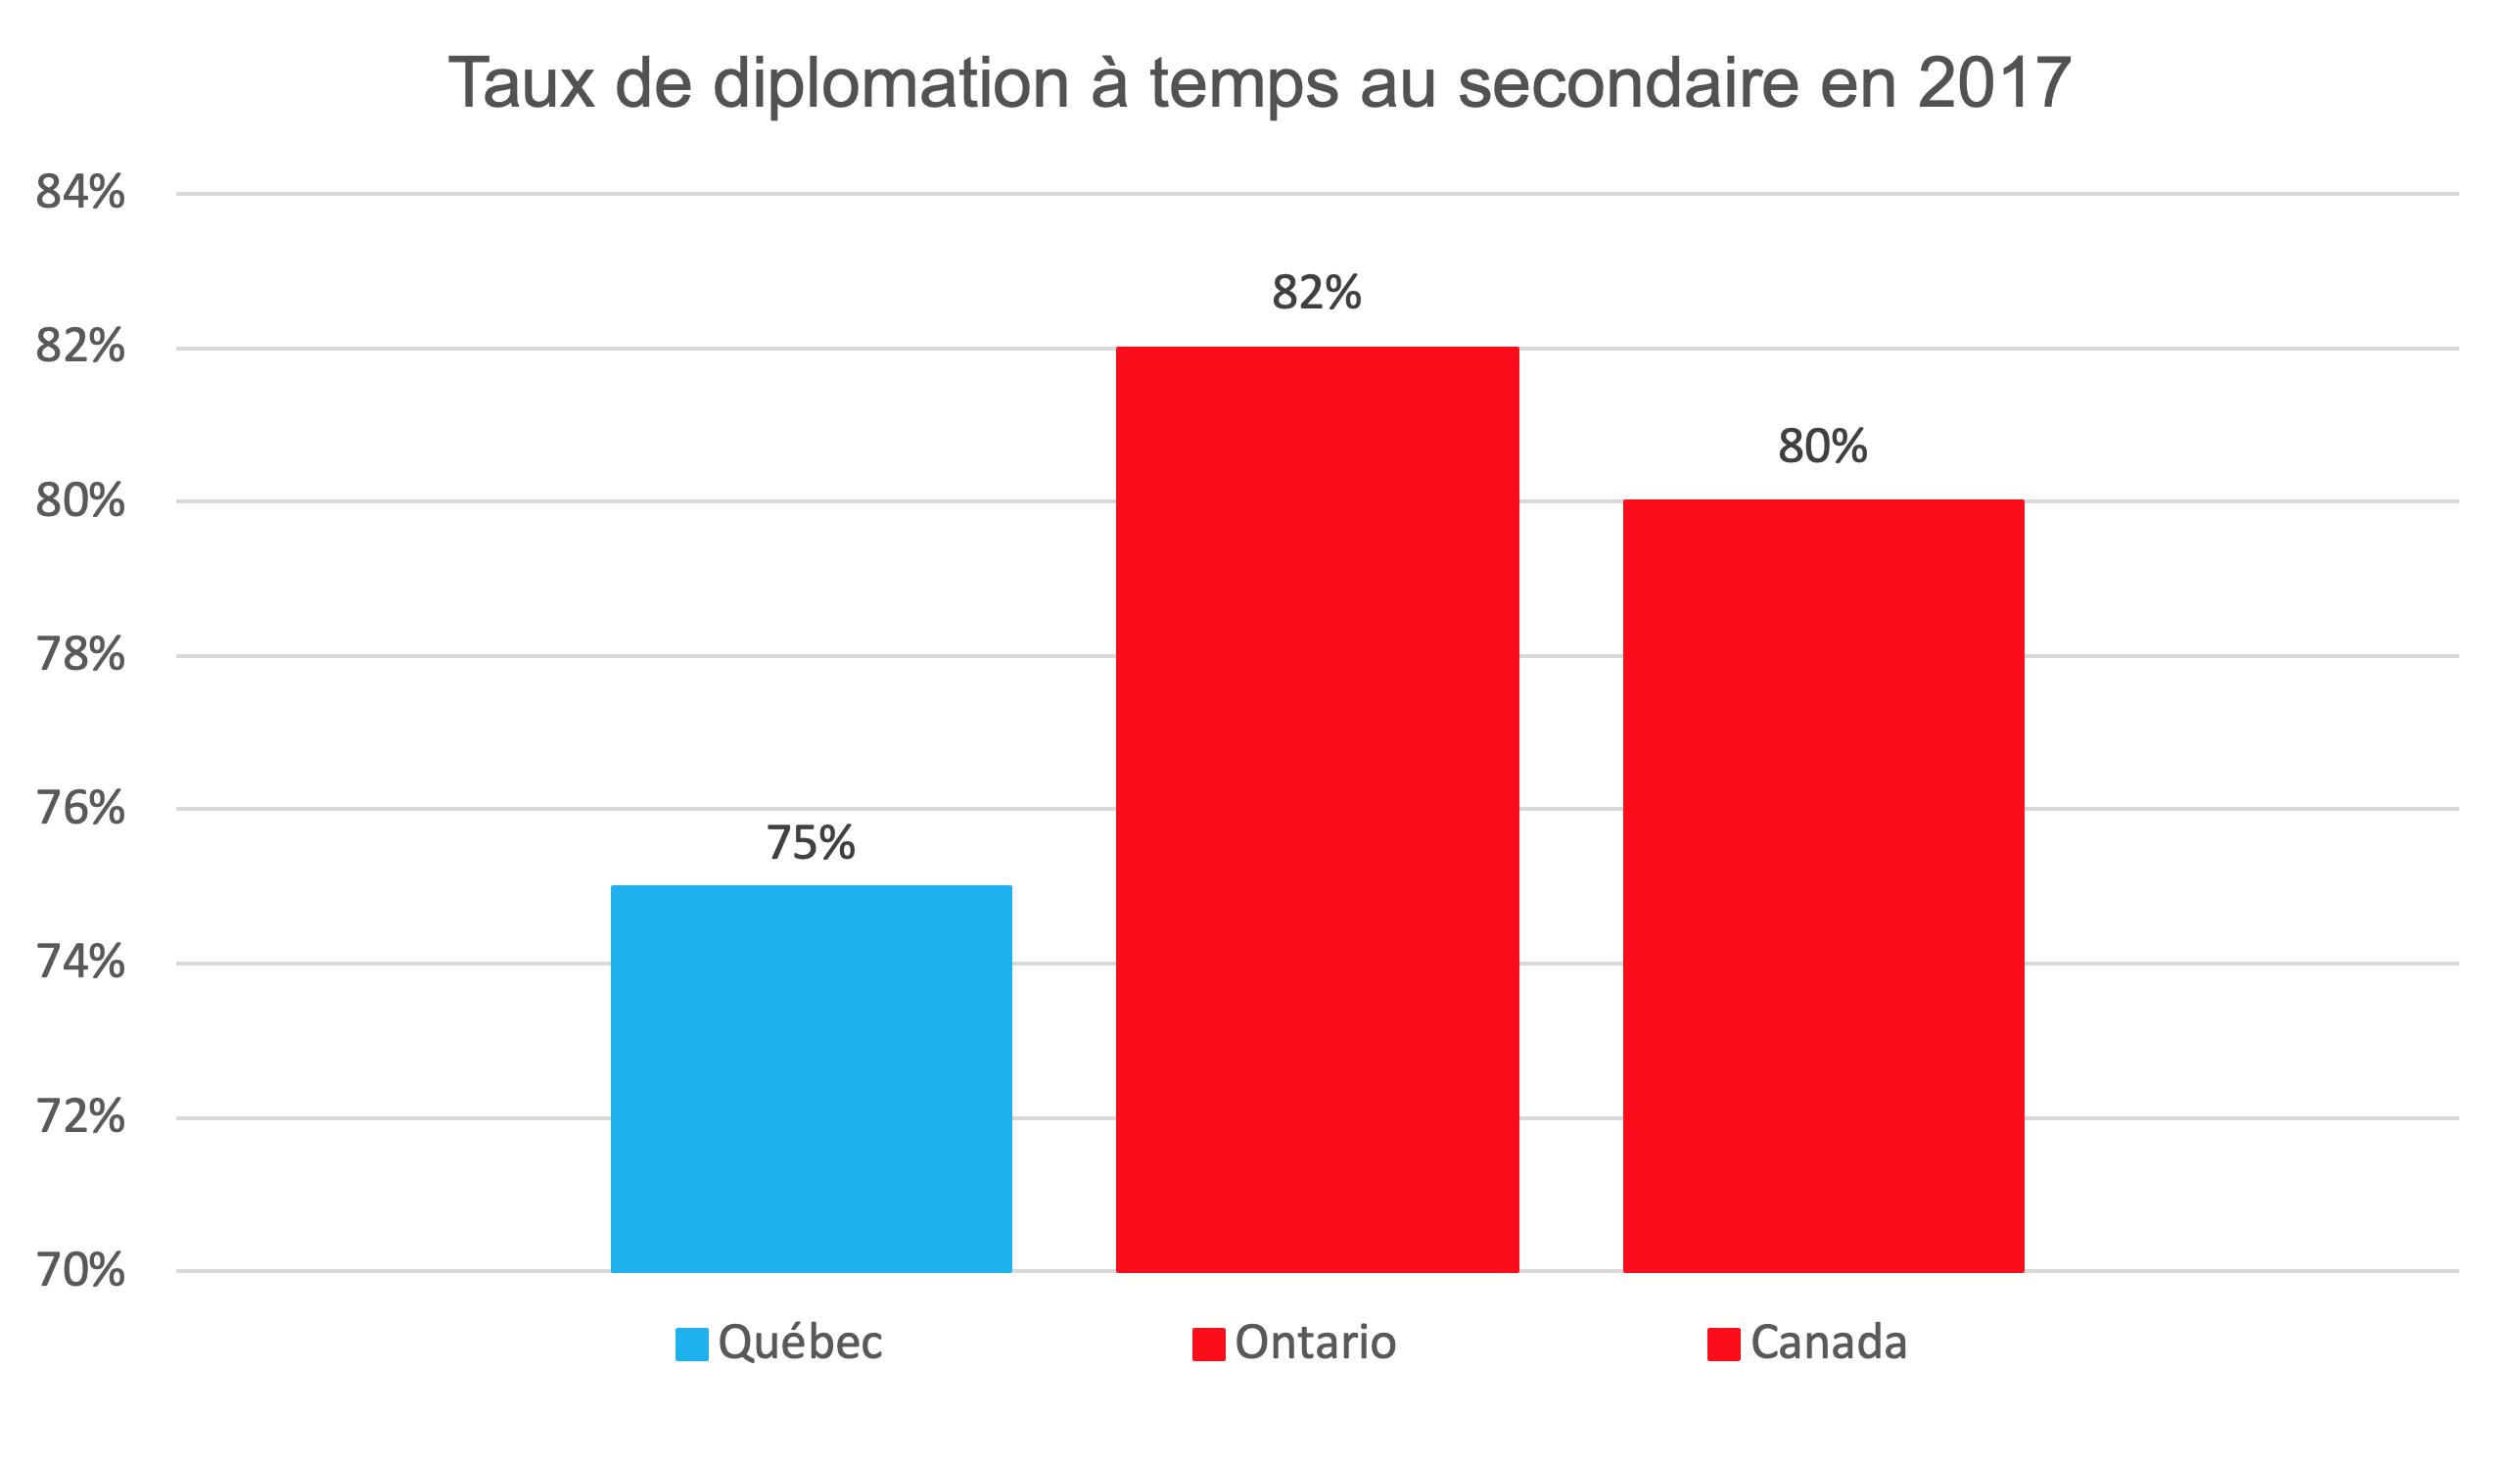 Taux de diplomation secondaire 2017